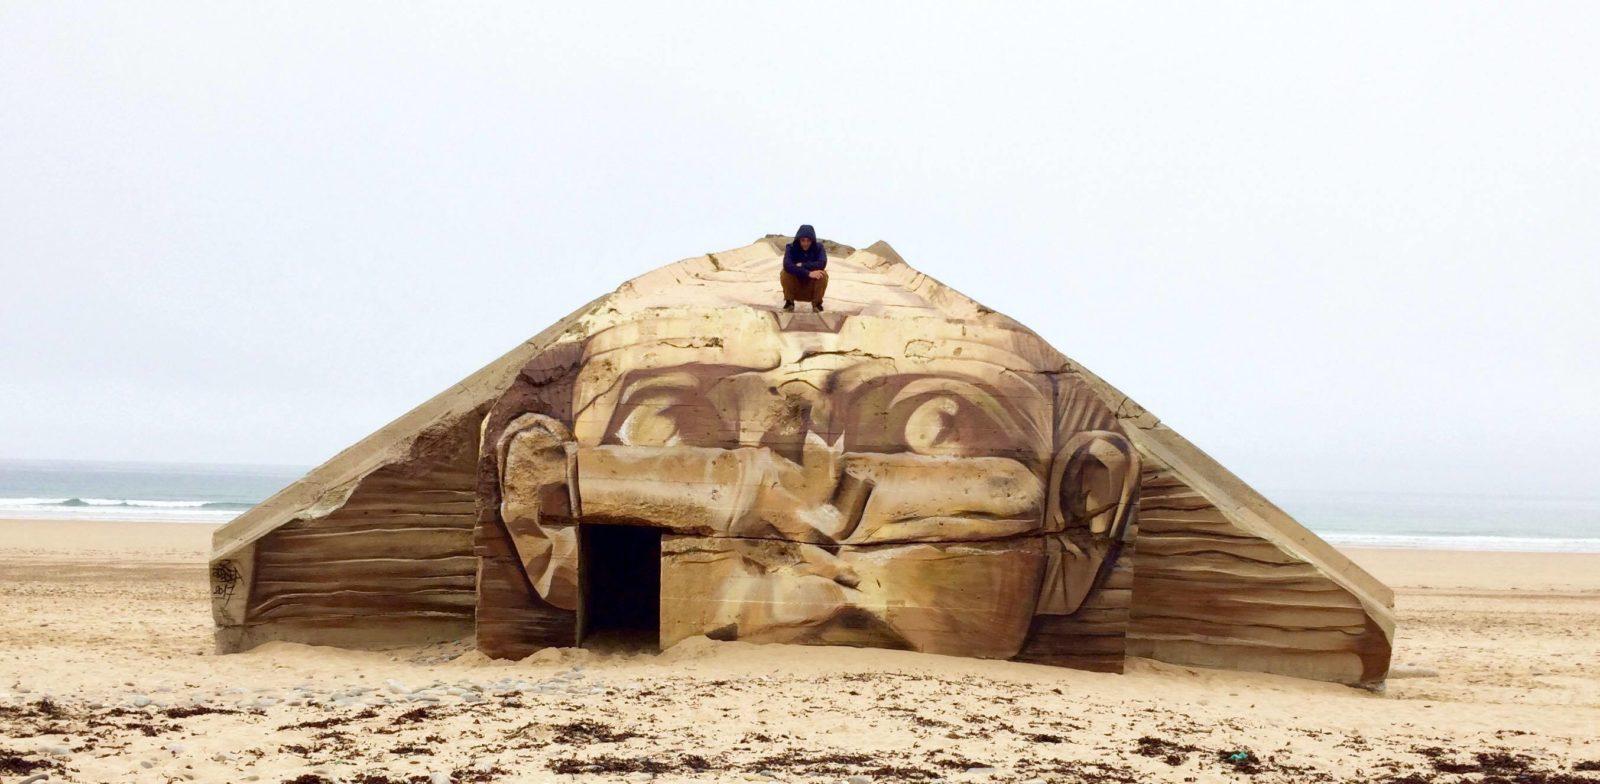 blesea sphinx - Les graffitis de Blesea inondent la ville (et les plages) de pop culture